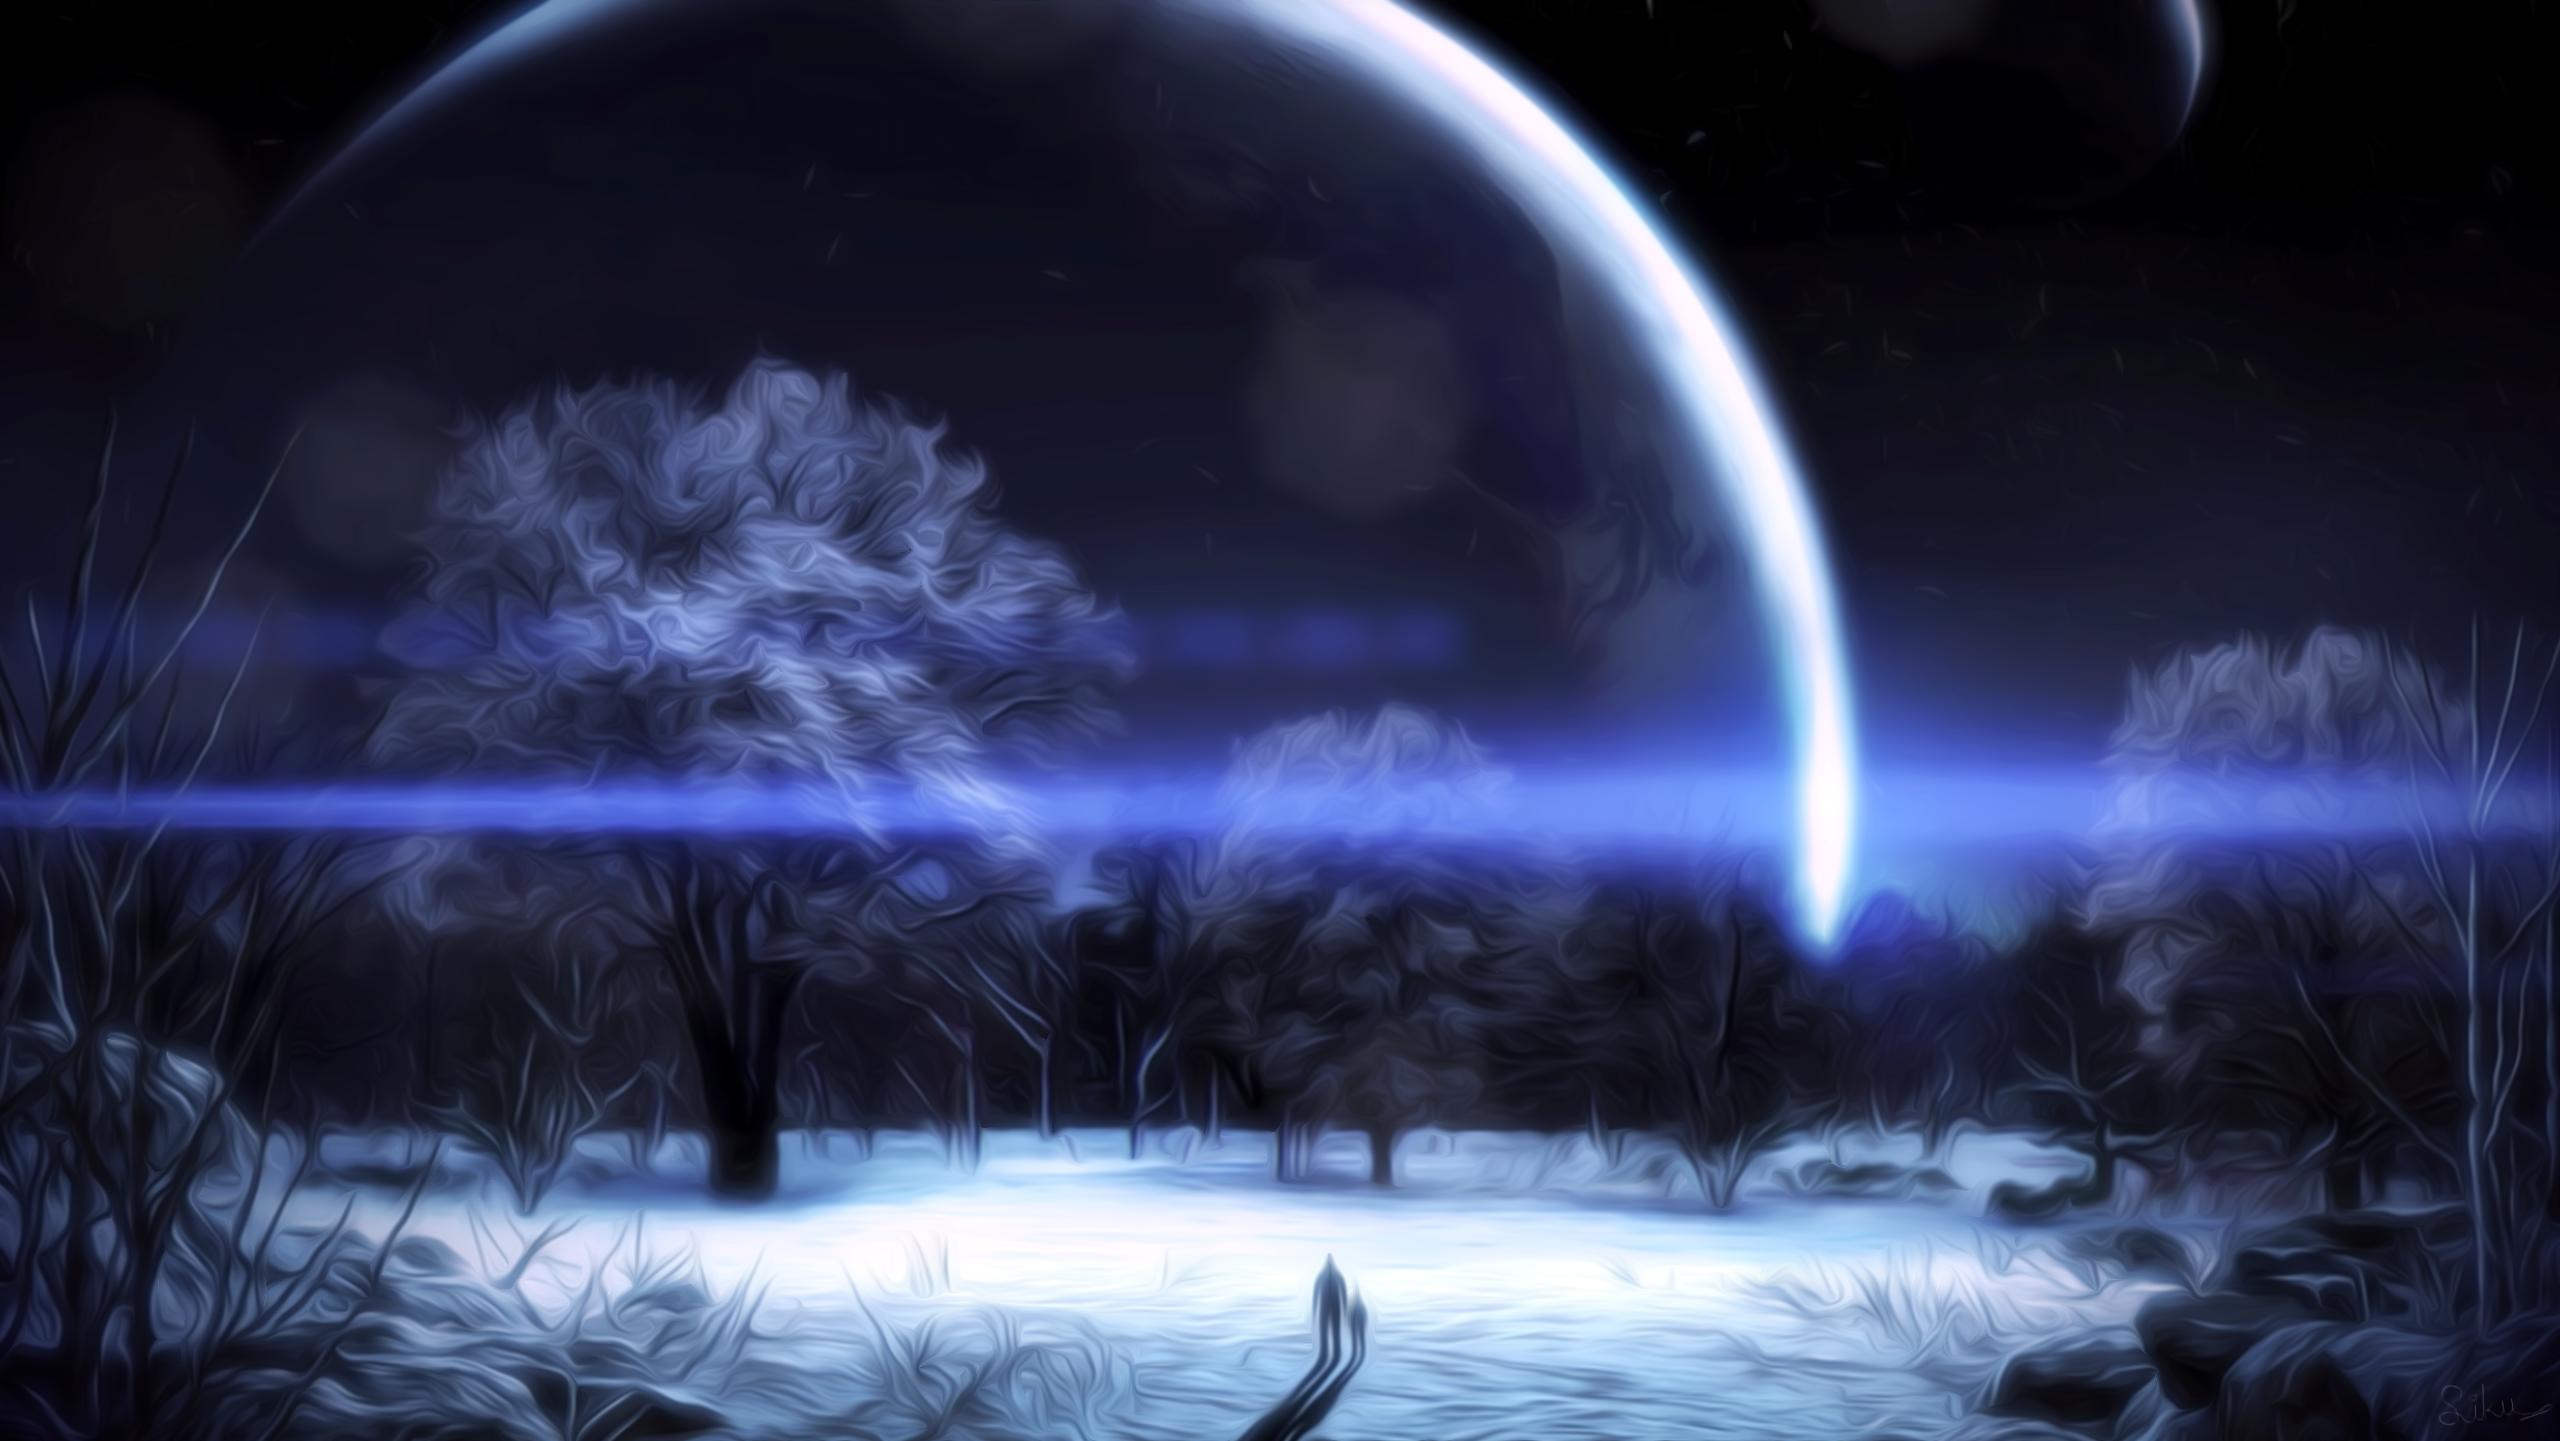 Mass Effect фэндомы саундтрек цитадель.